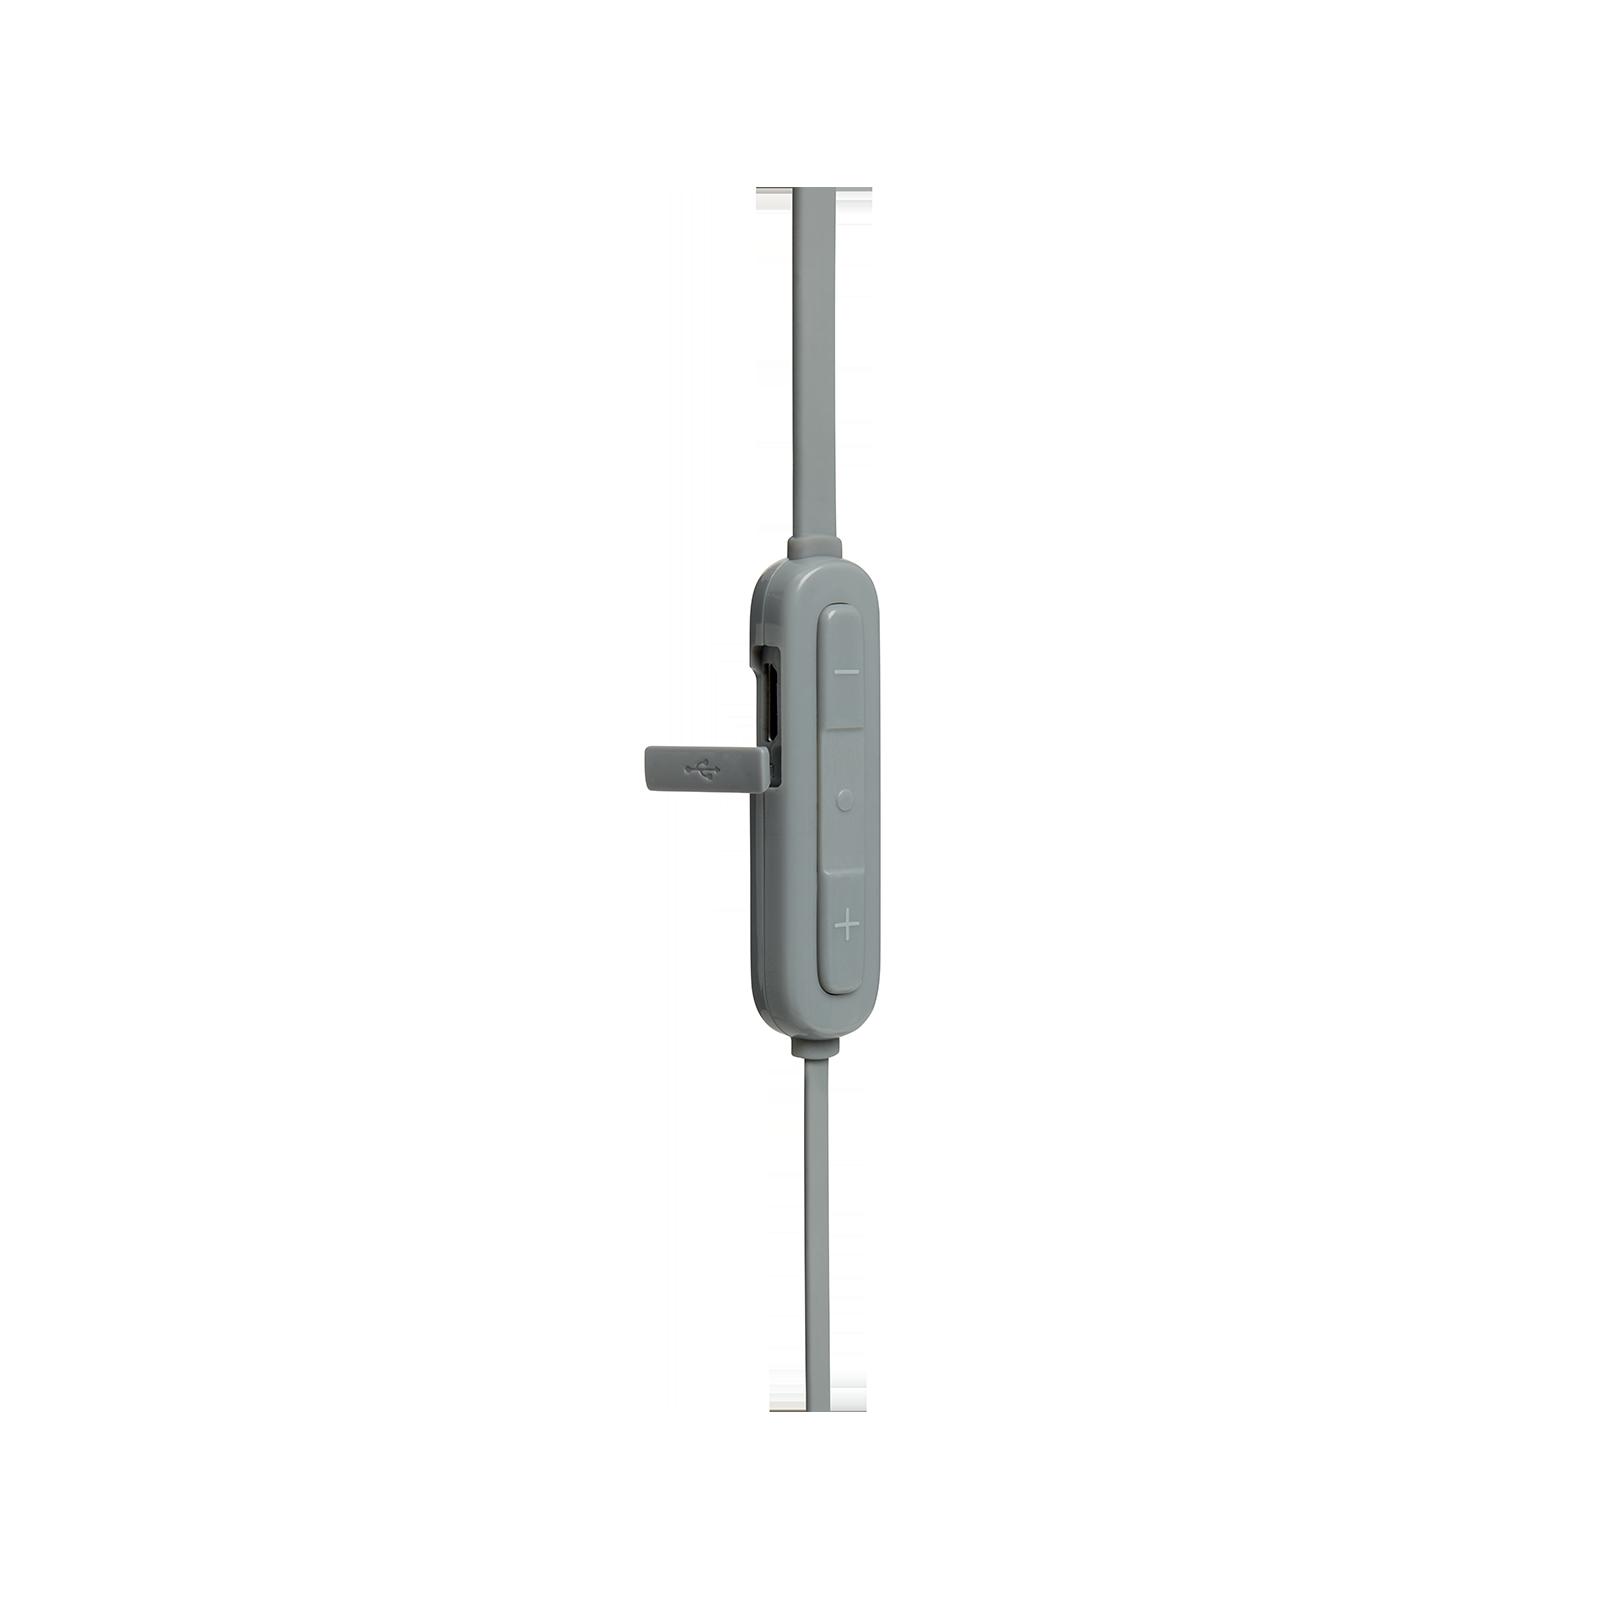 JBL TUNE 110BT - Grey - Wireless in-ear headphones - Detailshot 2